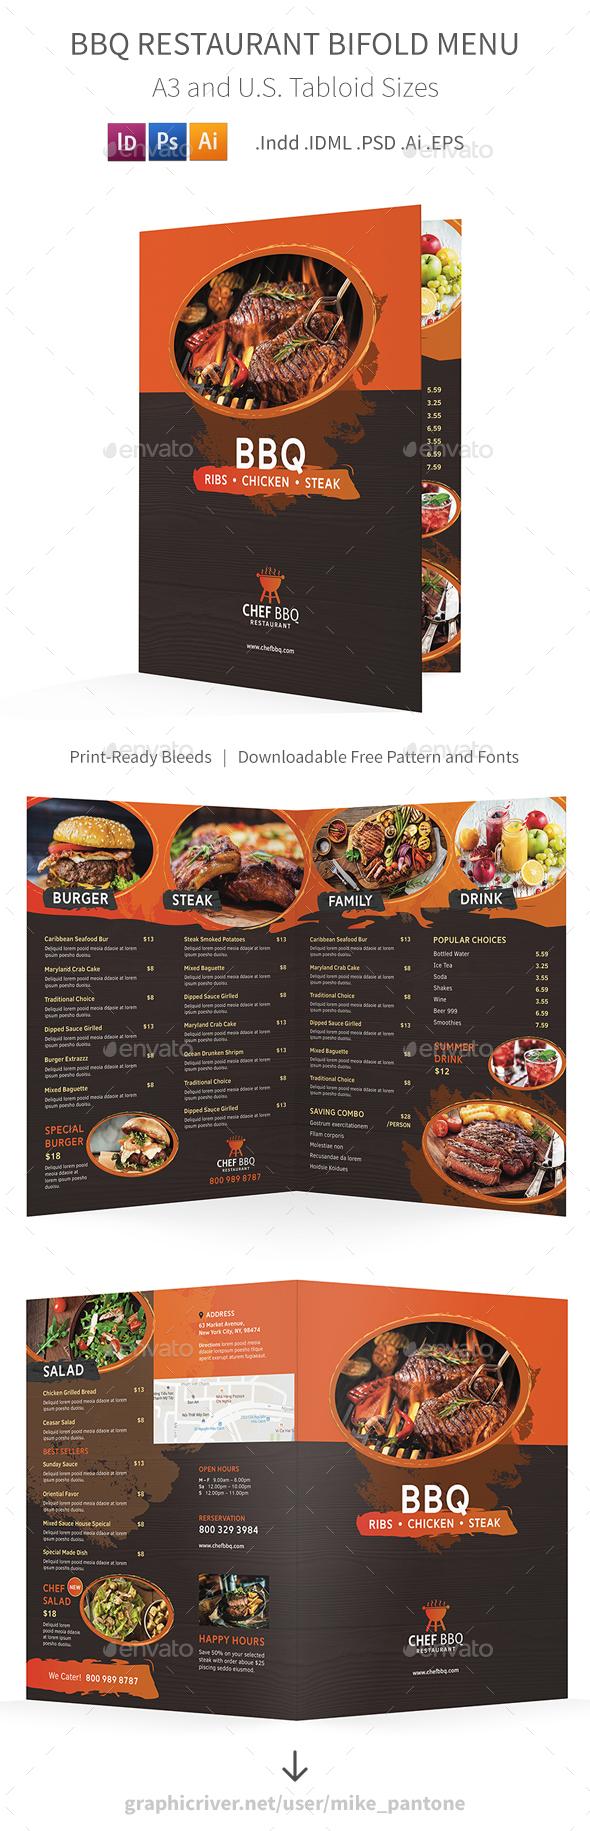 GraphicRiver BBQ Restaurant Bifold Halffold Menu 20705281